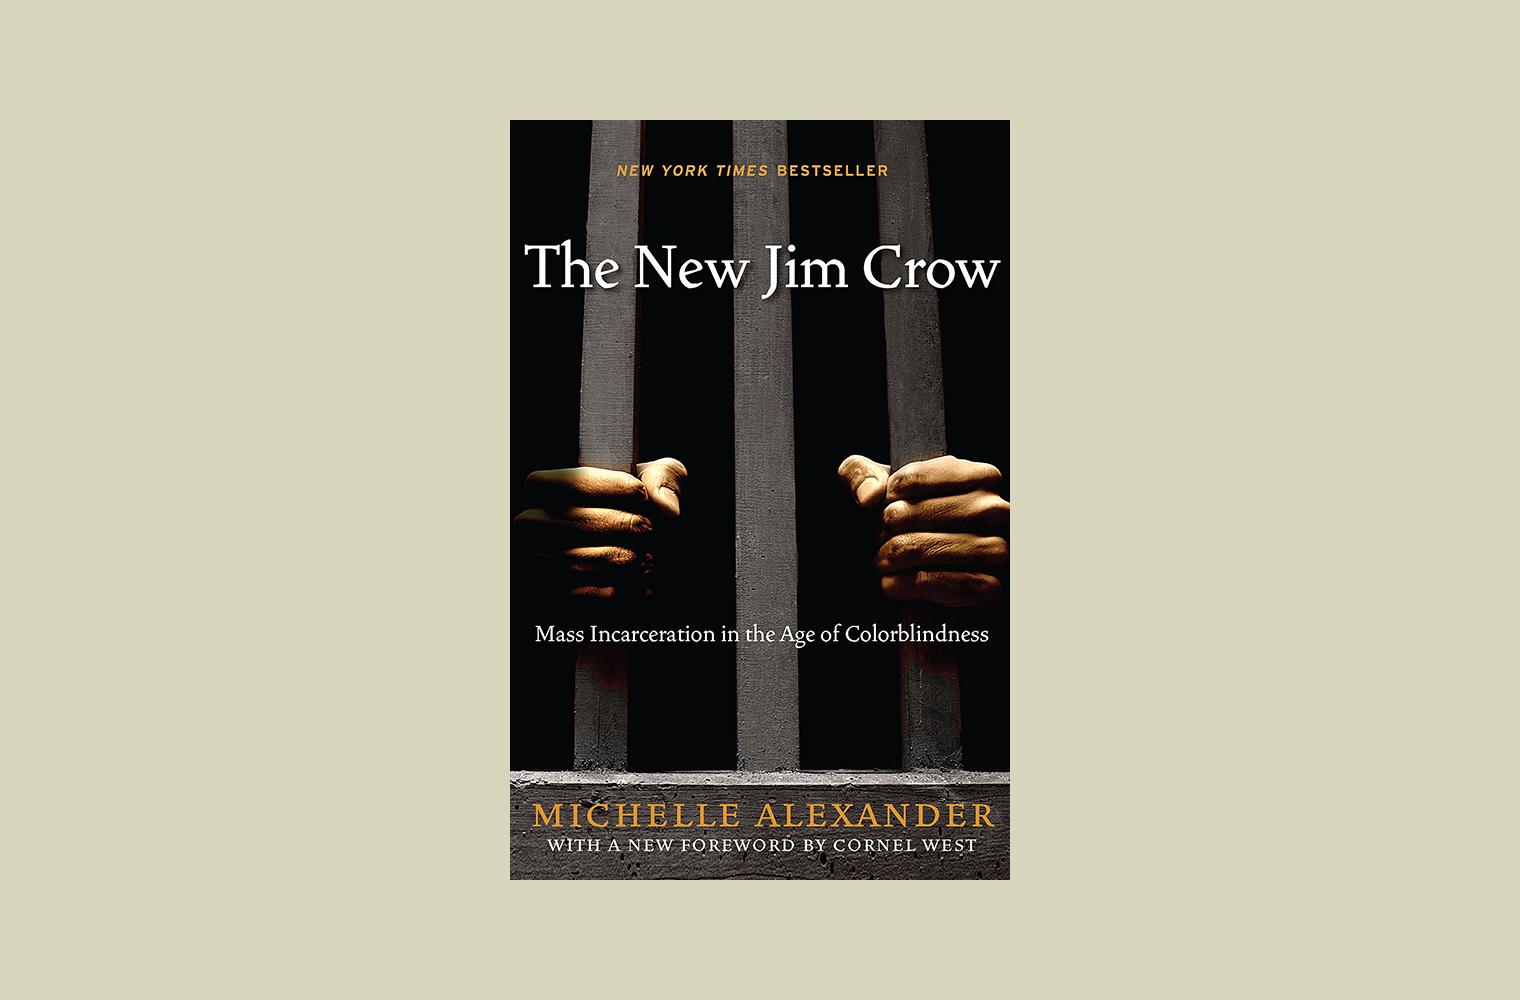 Книги о расизме - Новый Джим Кроу: массовое заключение в эру цветовой слепоты